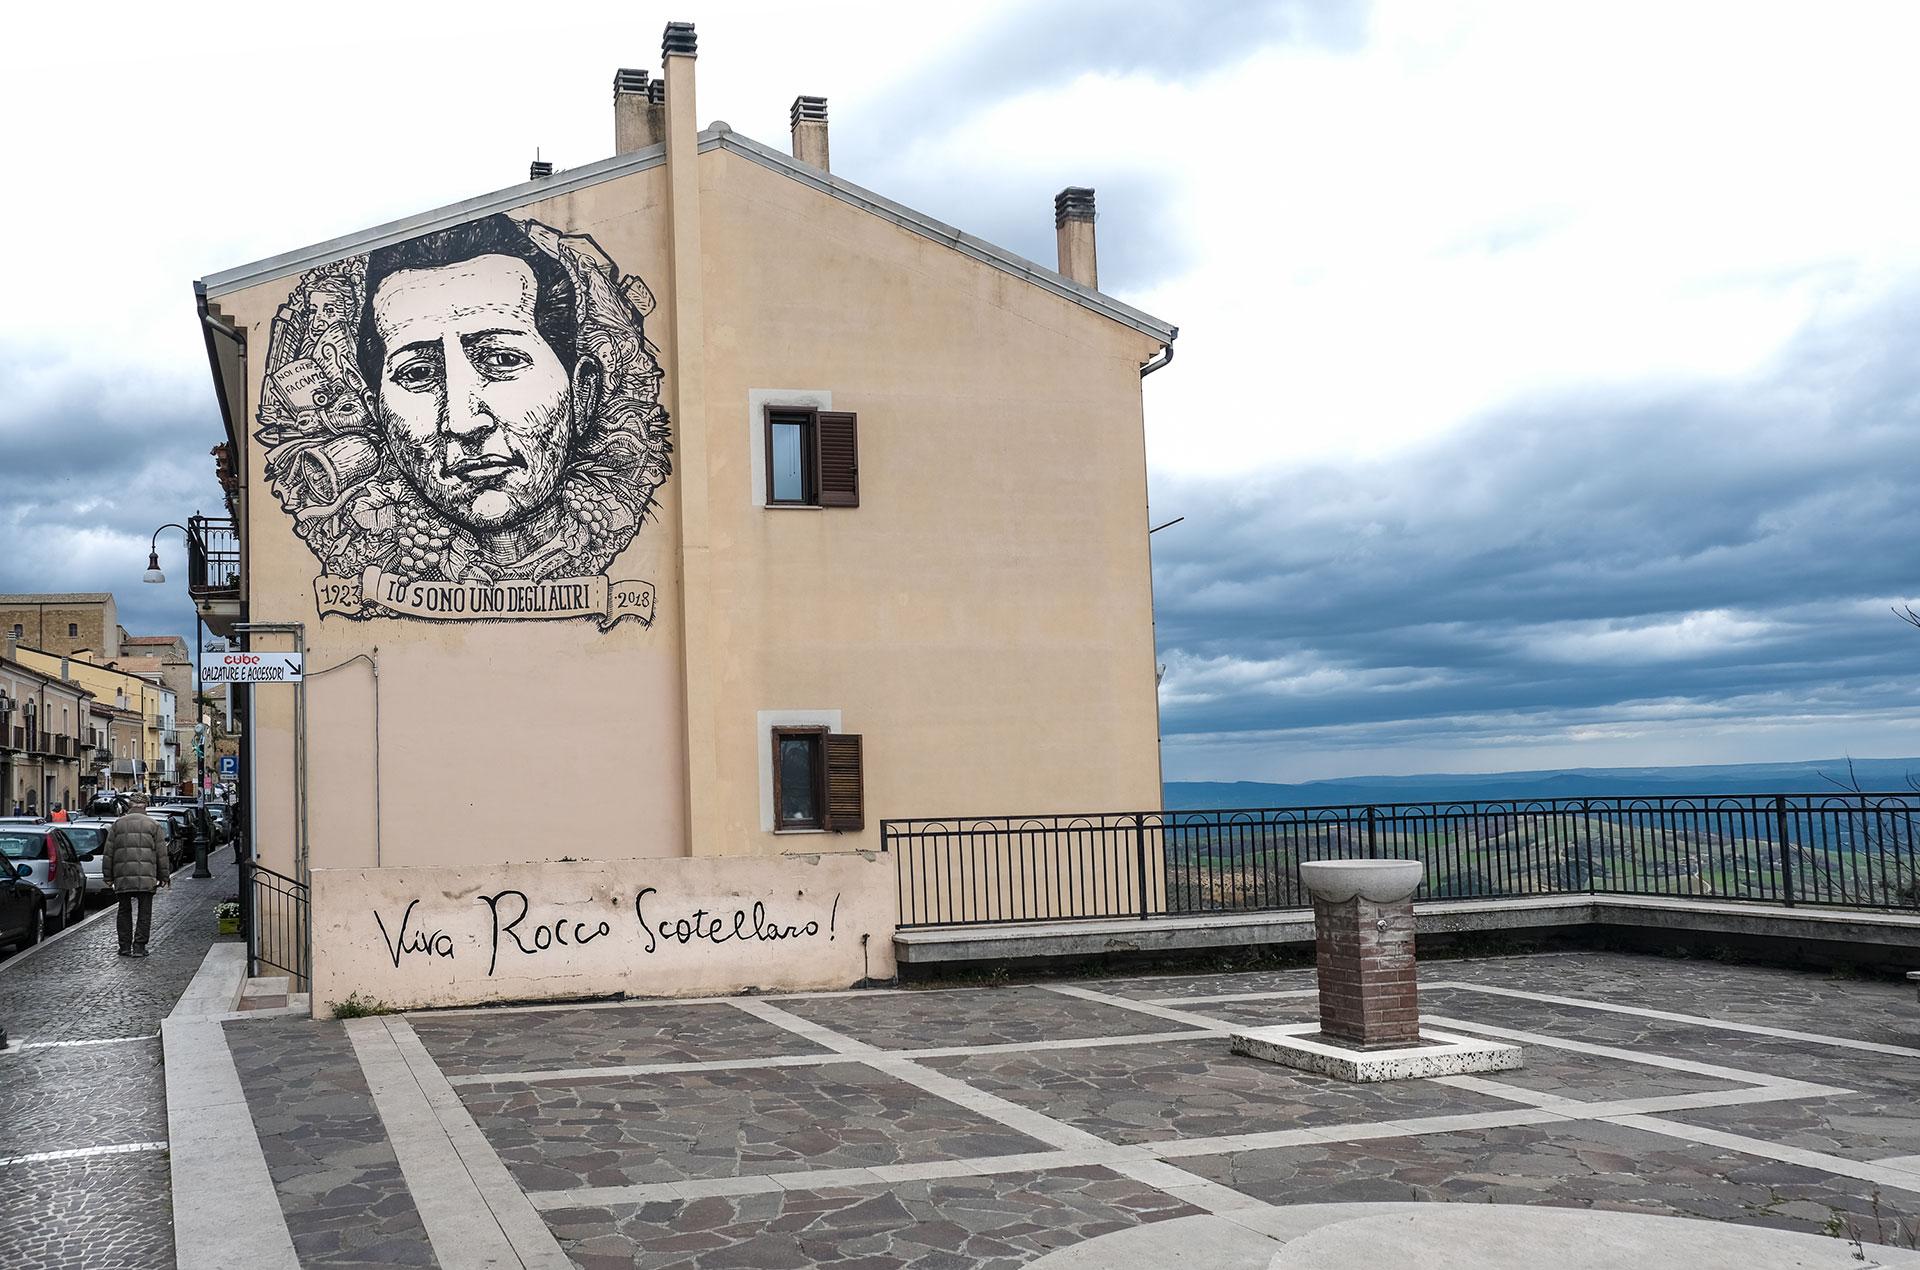 Tricarico. Murale dedicato a Rocco Scotellaro (Foto: Carlo Magni)